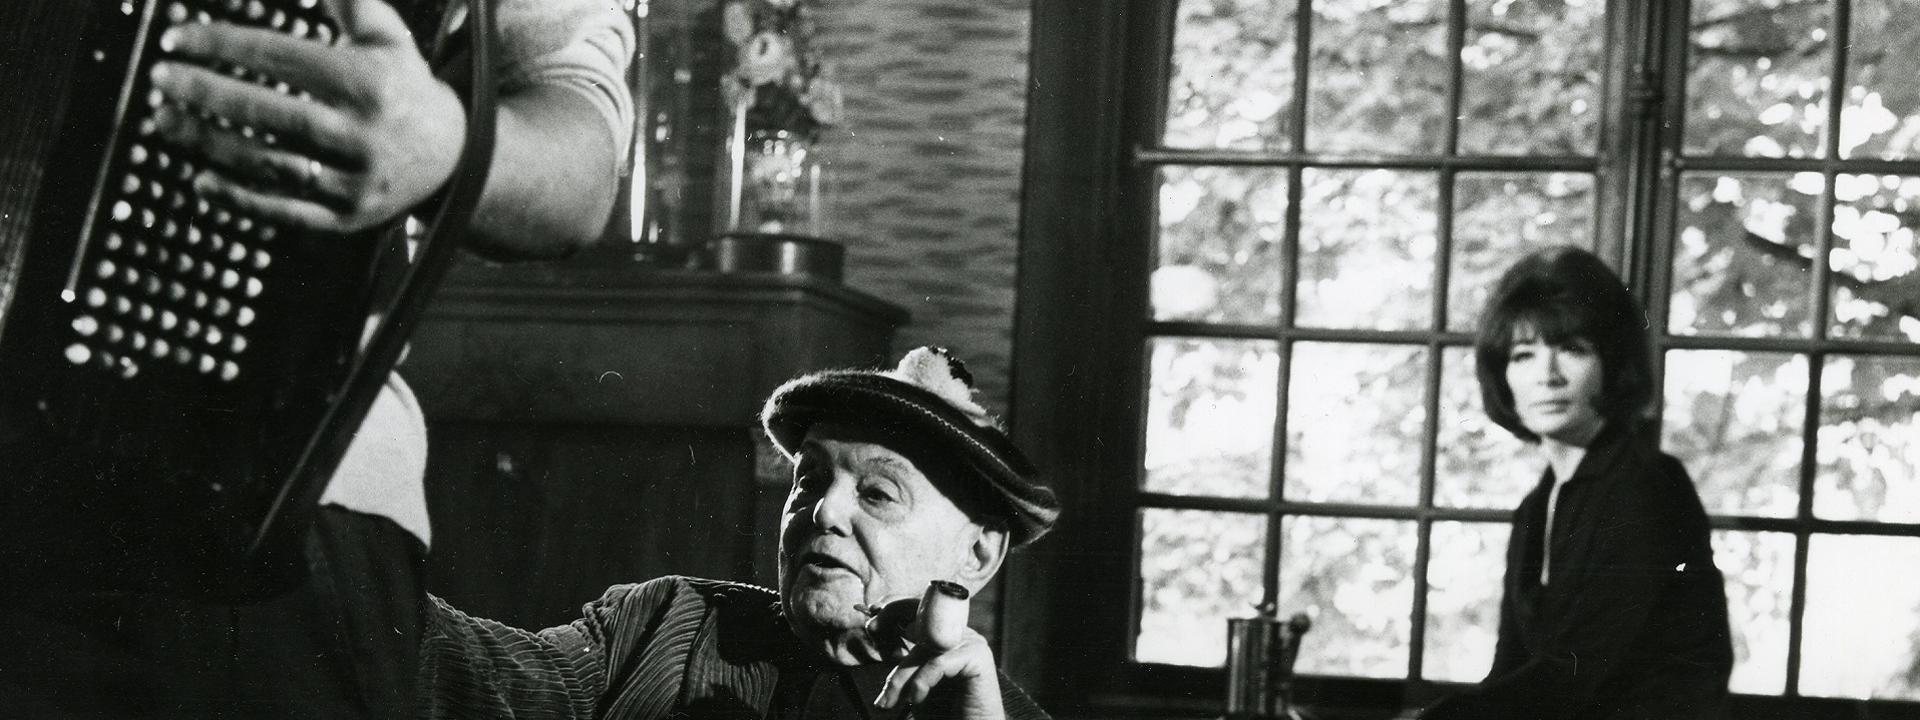 Juliette Gréco et Pierre Mac Orlan, dans la maison de l'écrivain à Saint Cyr-sur-Morin. Au premier plan un accordéoniste dont ne voit qu'un bras et une partie de l'accordéon